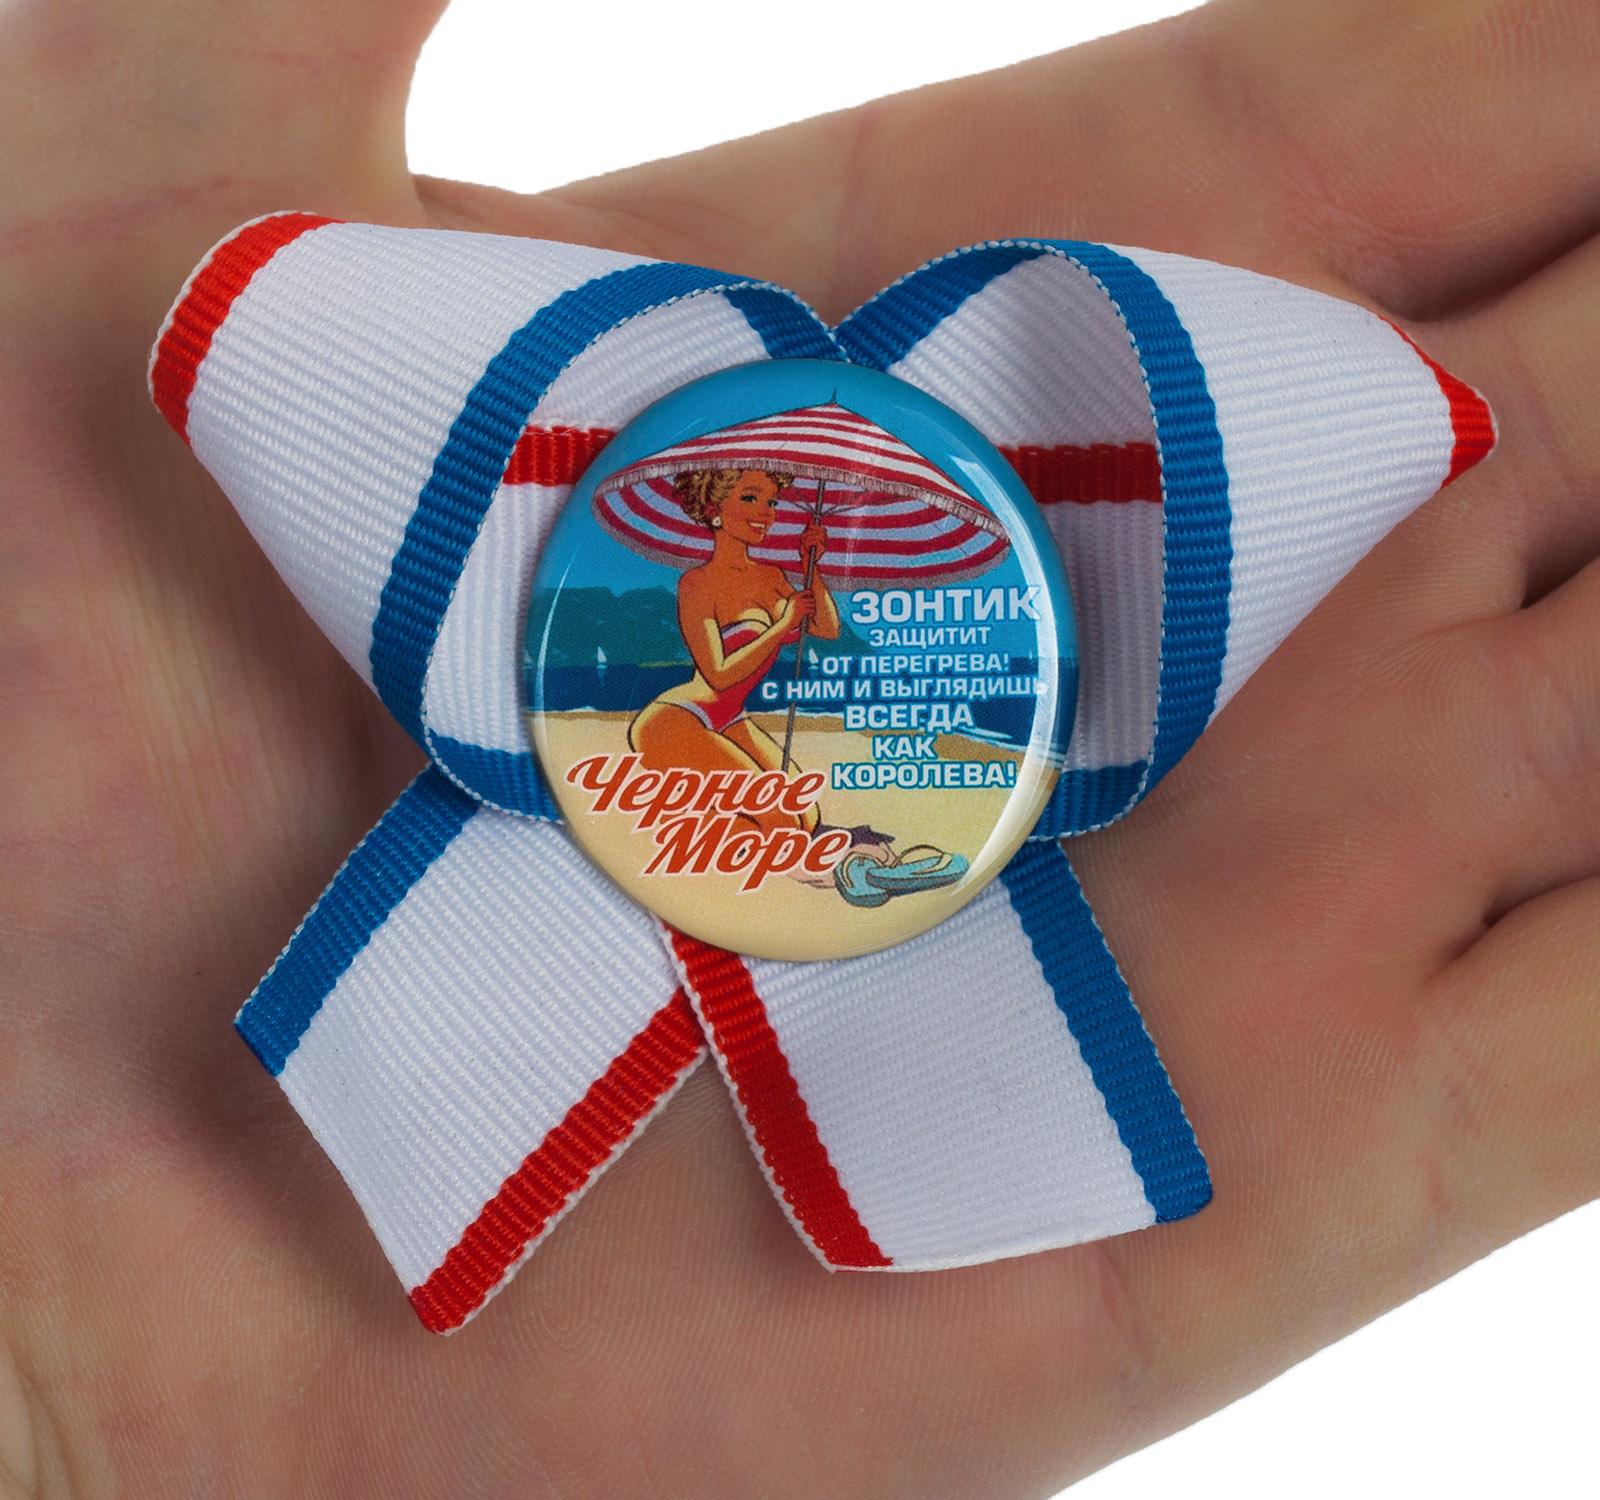 Заказать недорого сувенирные значки Черное море с доставкой